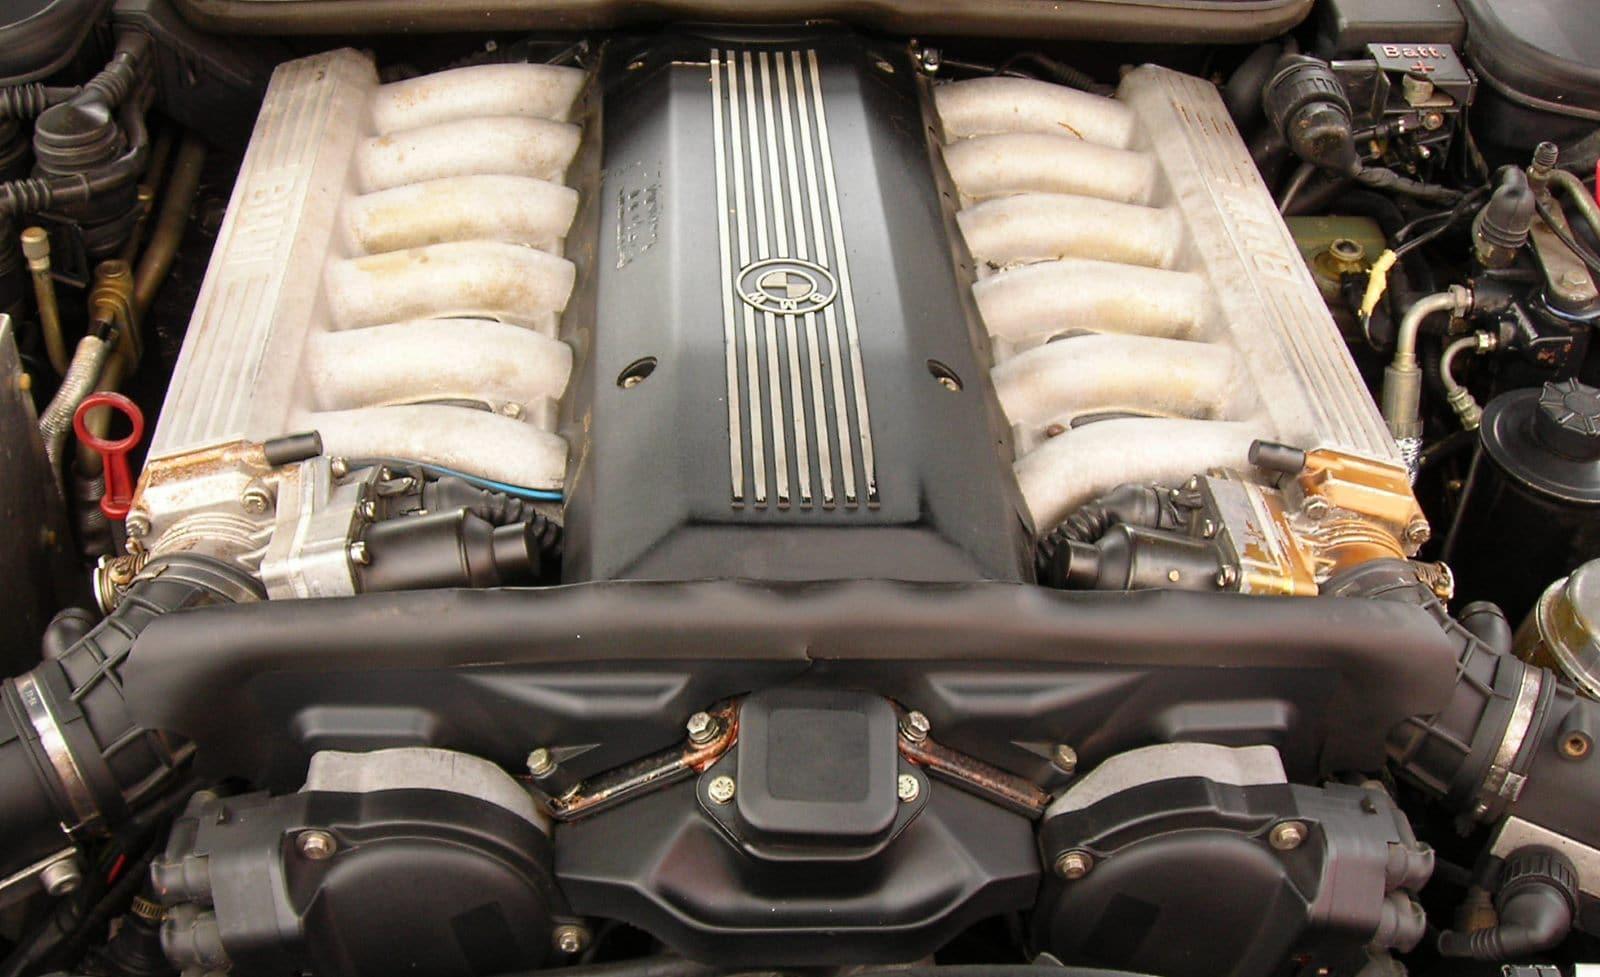 BMW 8 серии E31 - благородный флагман из 90-х 4